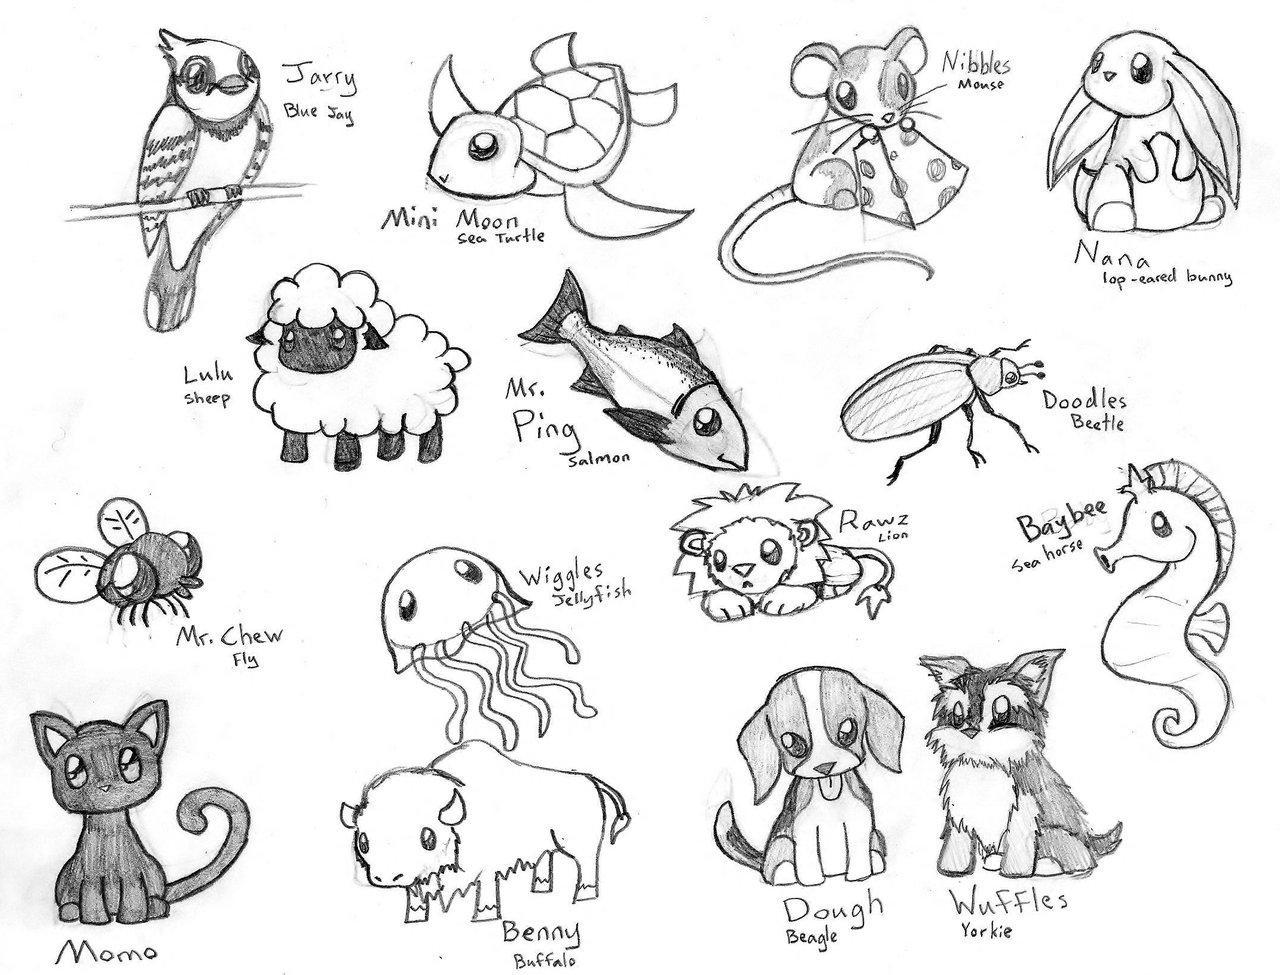 1280x975 Cute Chibi Animals 3 by CrimsonAngelofShadow on DeviantArt